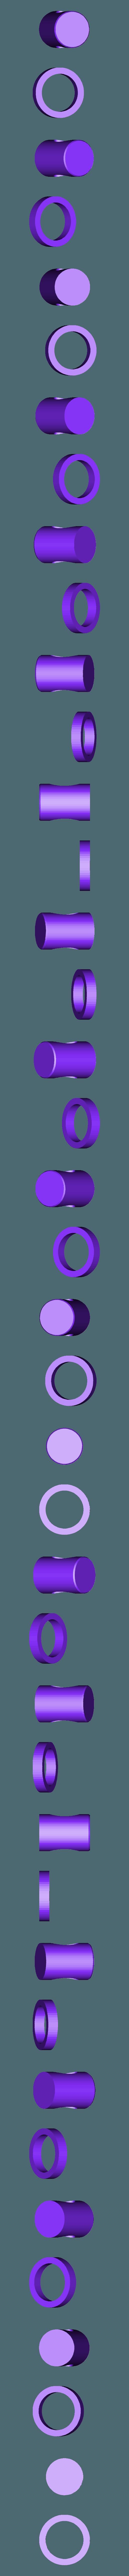 D3_Retraction_Curve_Calibration_65.stl Télécharger fichier STL gratuit Calibrage circulaire et bâton d'ajustement • Plan pour imprimante 3D, D3Dorsett